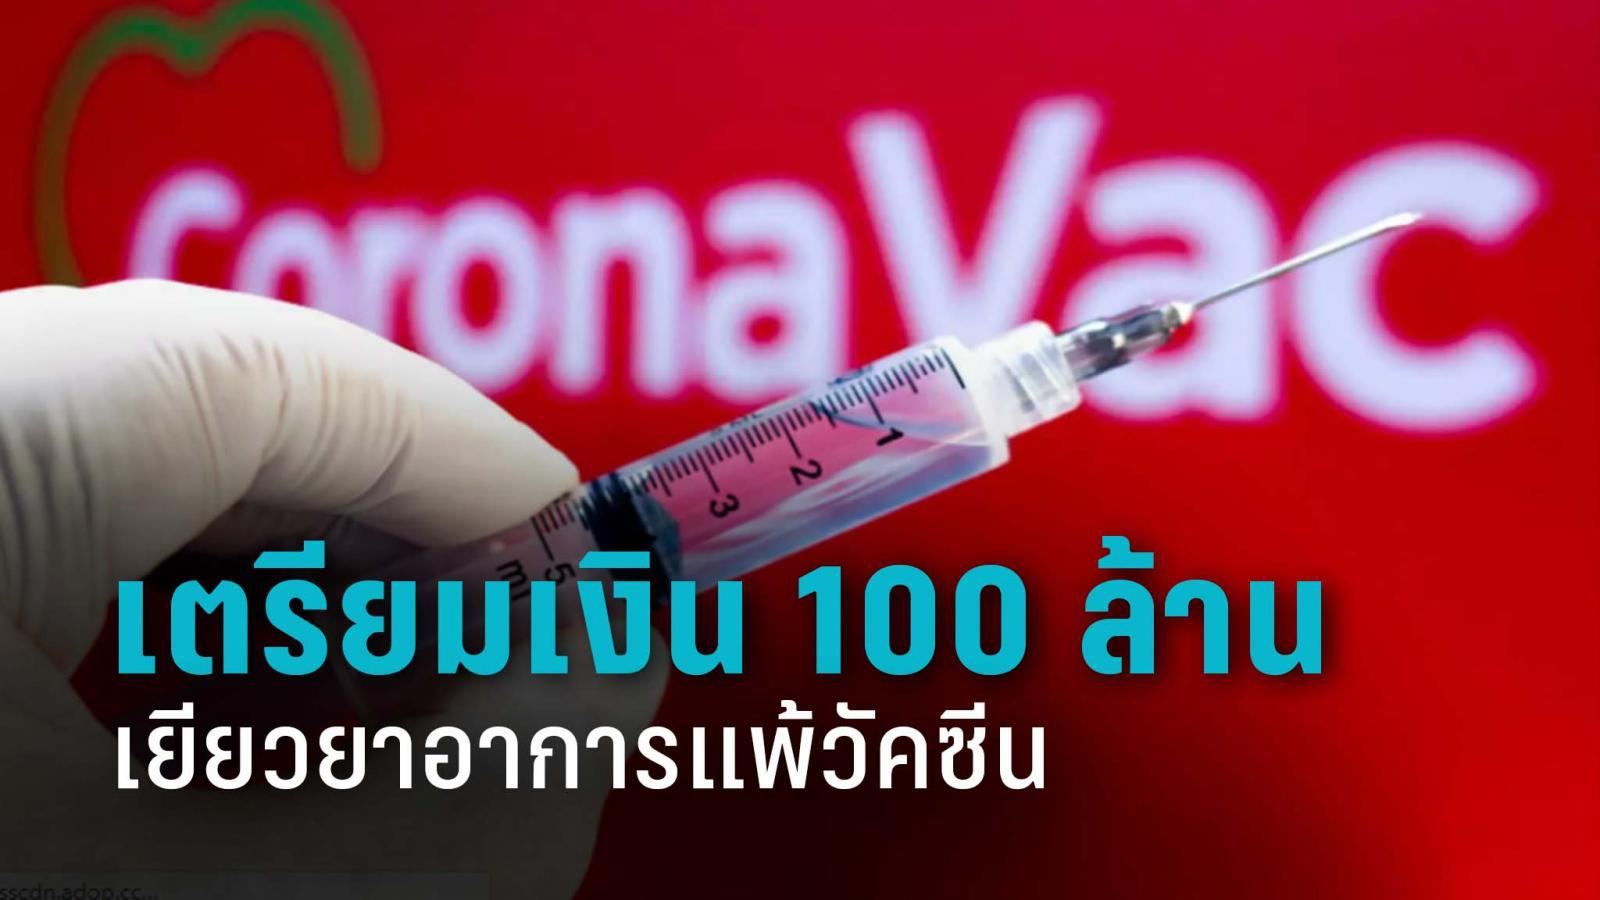 สปสช. เตรียมเงิน 100 ล้านบาท เยียวยาอาการแพ้วัคซีนโควิด-19